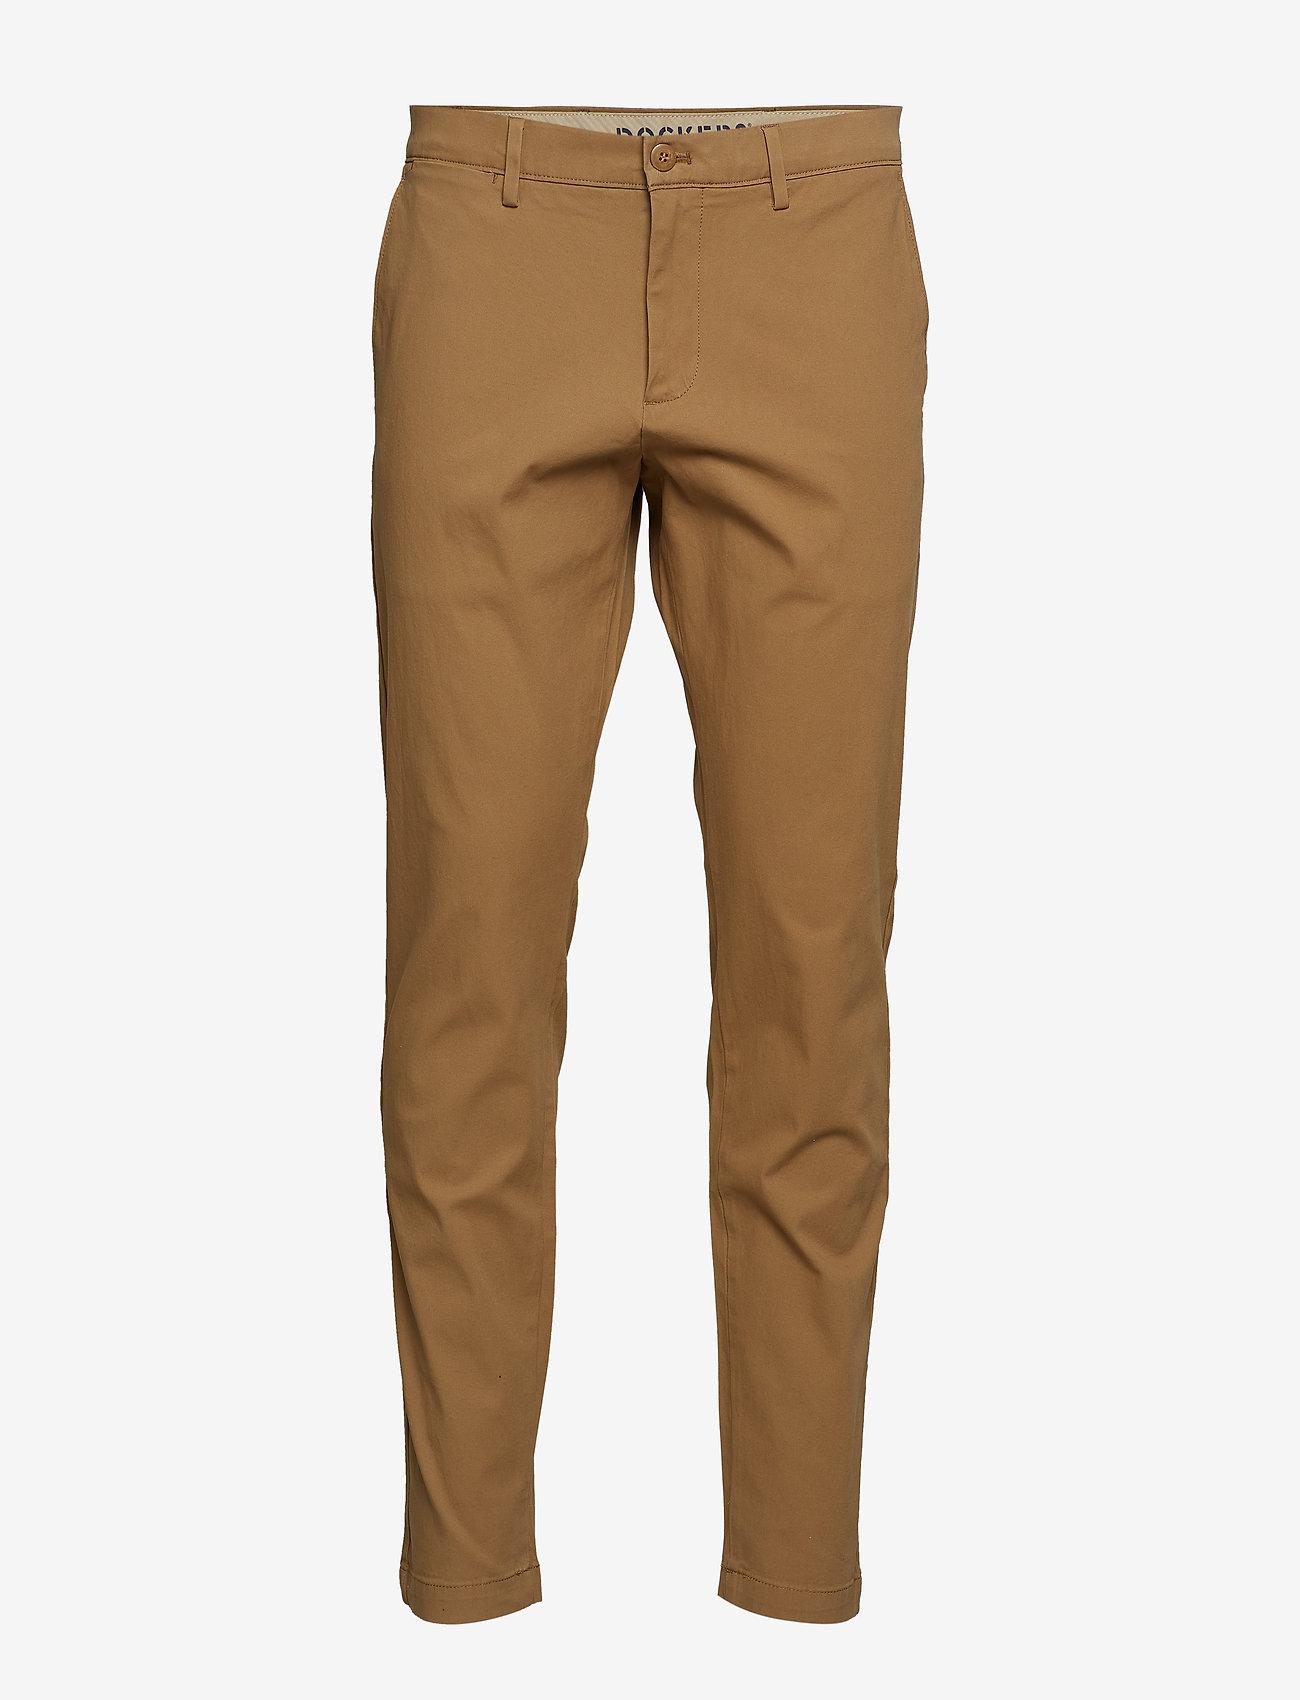 Dockers - SMART 360 CHINO TAPER ERMINE - pantalons chino - neutrals - 0